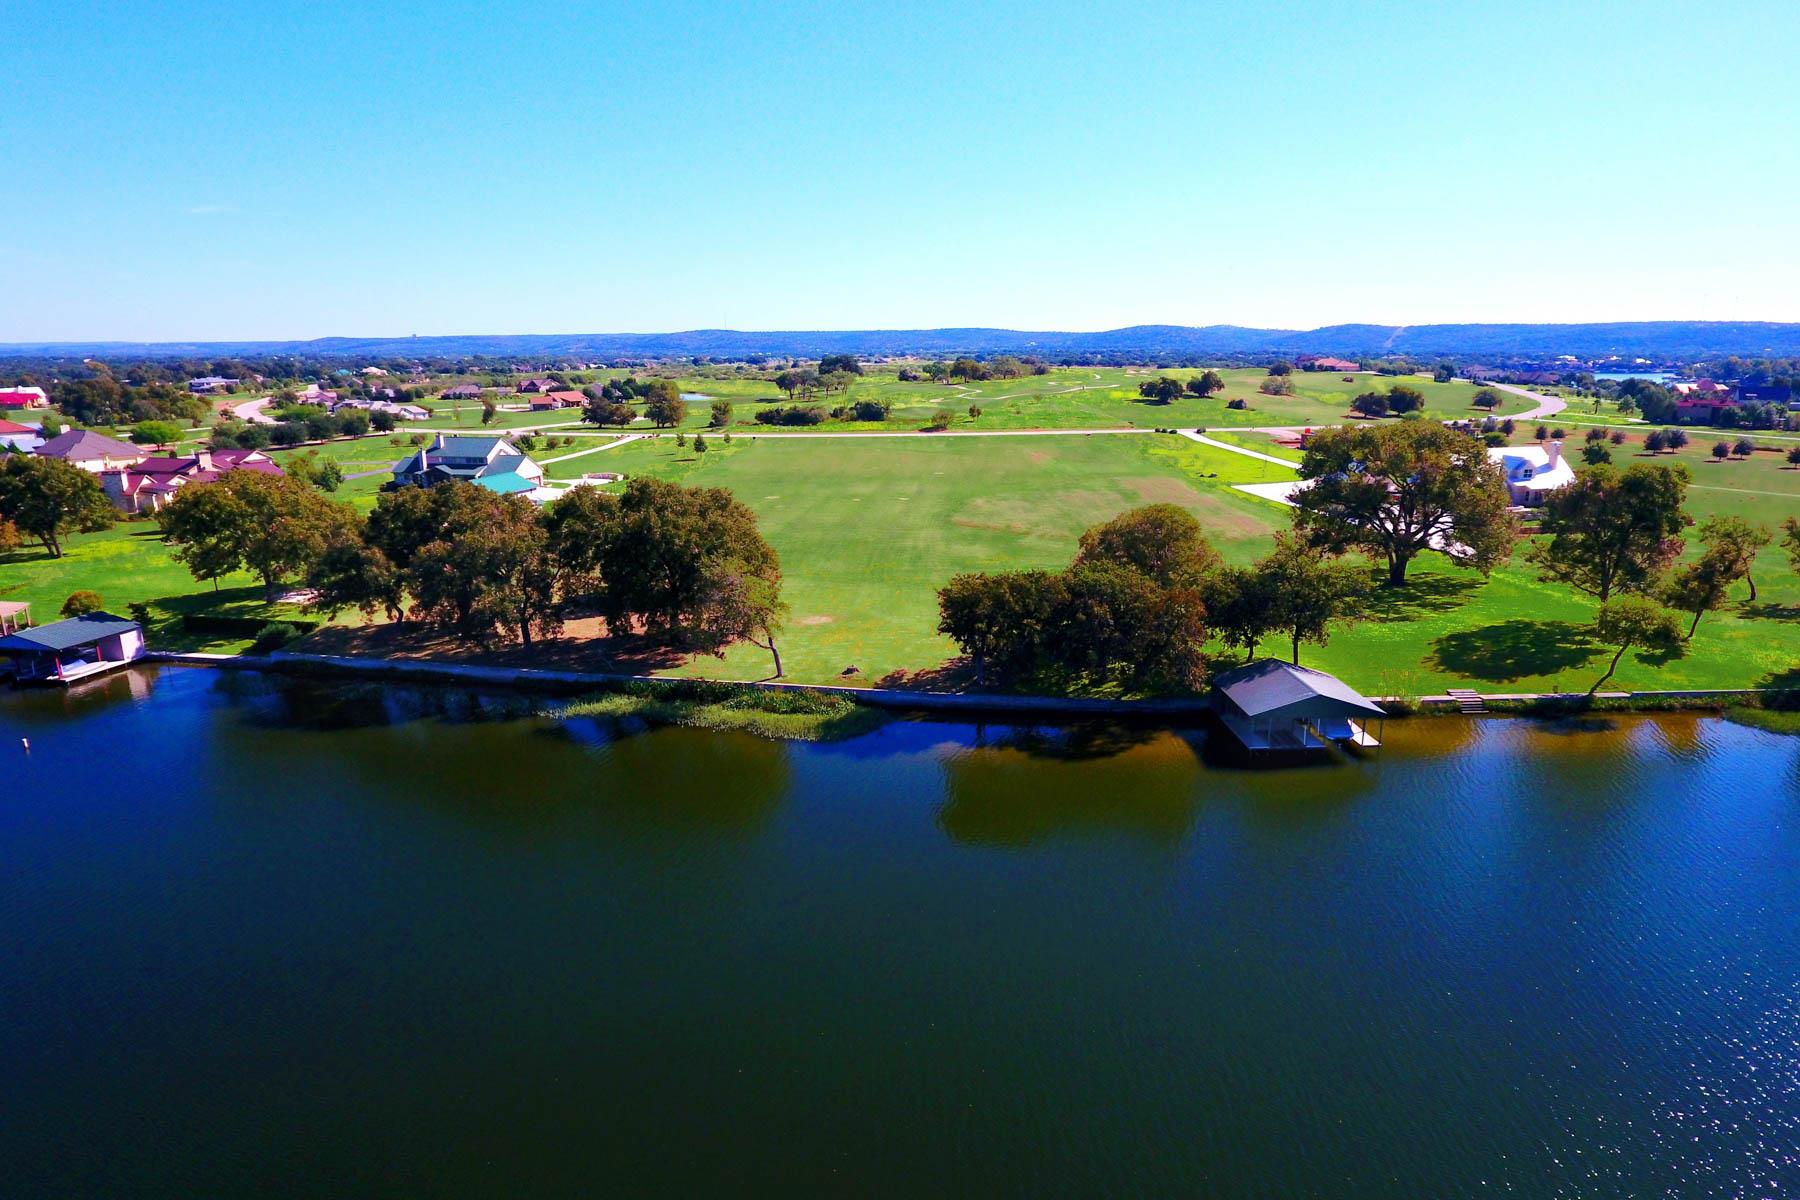 Land for Sale at The Legends on Lake LBJ Lot 1040 Legends Pkwy Kingsland, Texas 78639 United States